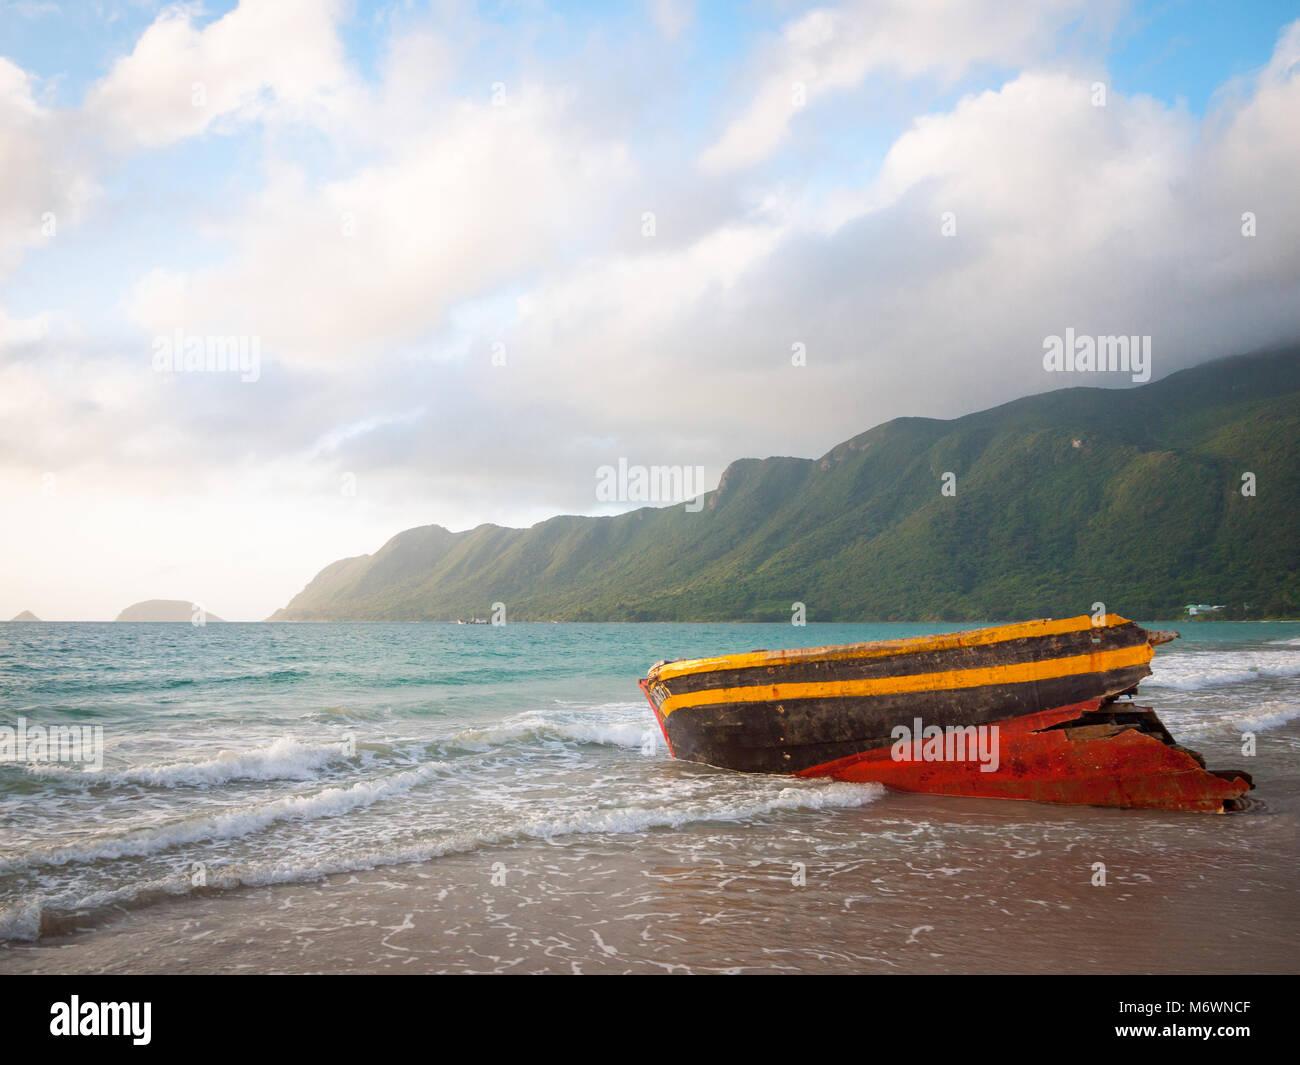 A shipwreck washed ashore Bai An Hai Beach on Con Son Island, Con Dao Islands (Con Dao Archipelago), Vietnam. - Stock Image